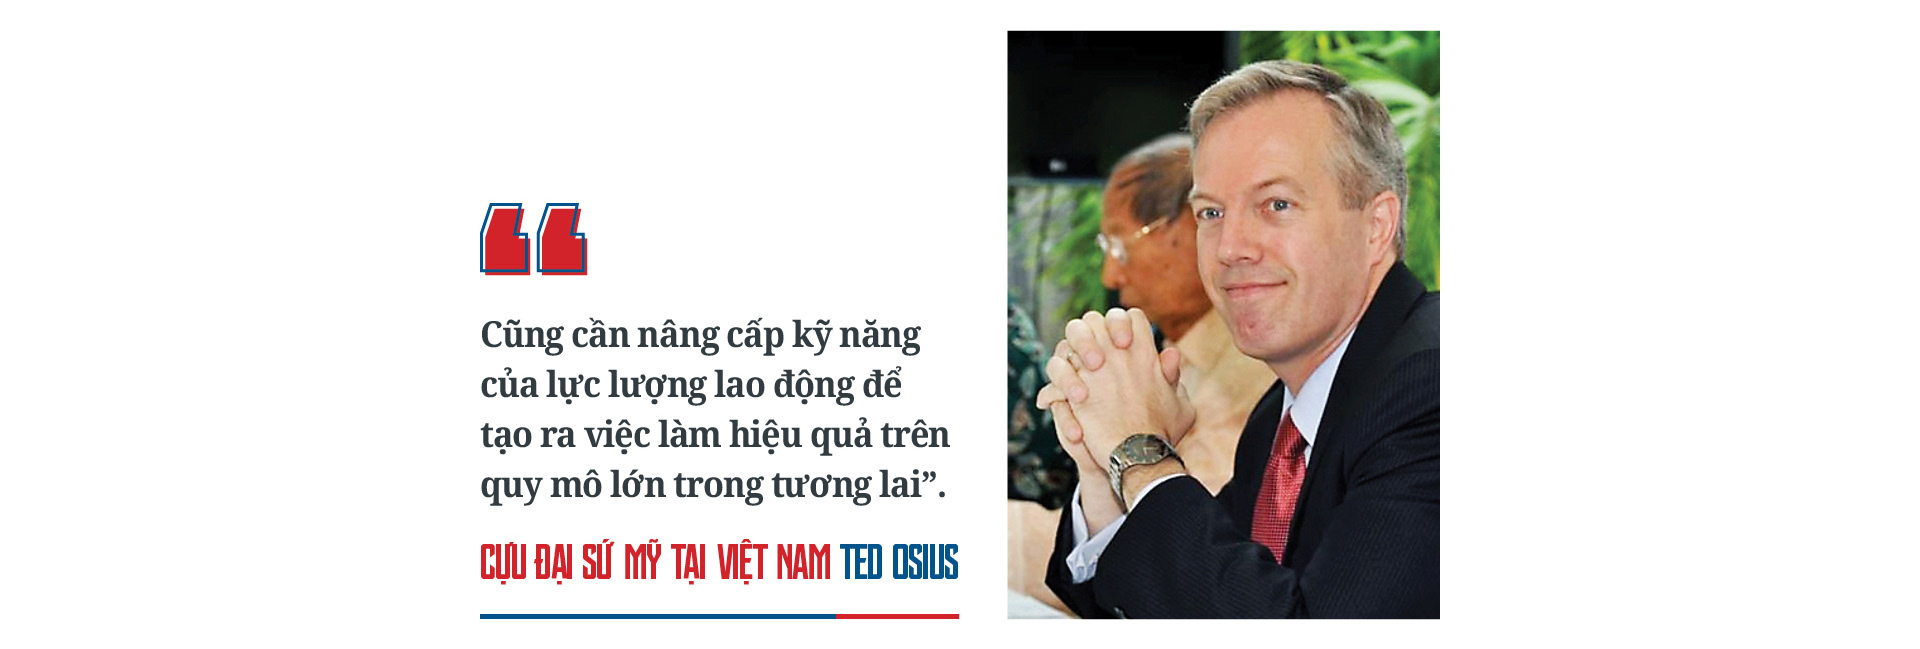 Cựu Đại sứ Mỹ tại Việt Nam Ted Osius: Hòa giải Việt Mỹ - Không gì là không thể - Ảnh 7.